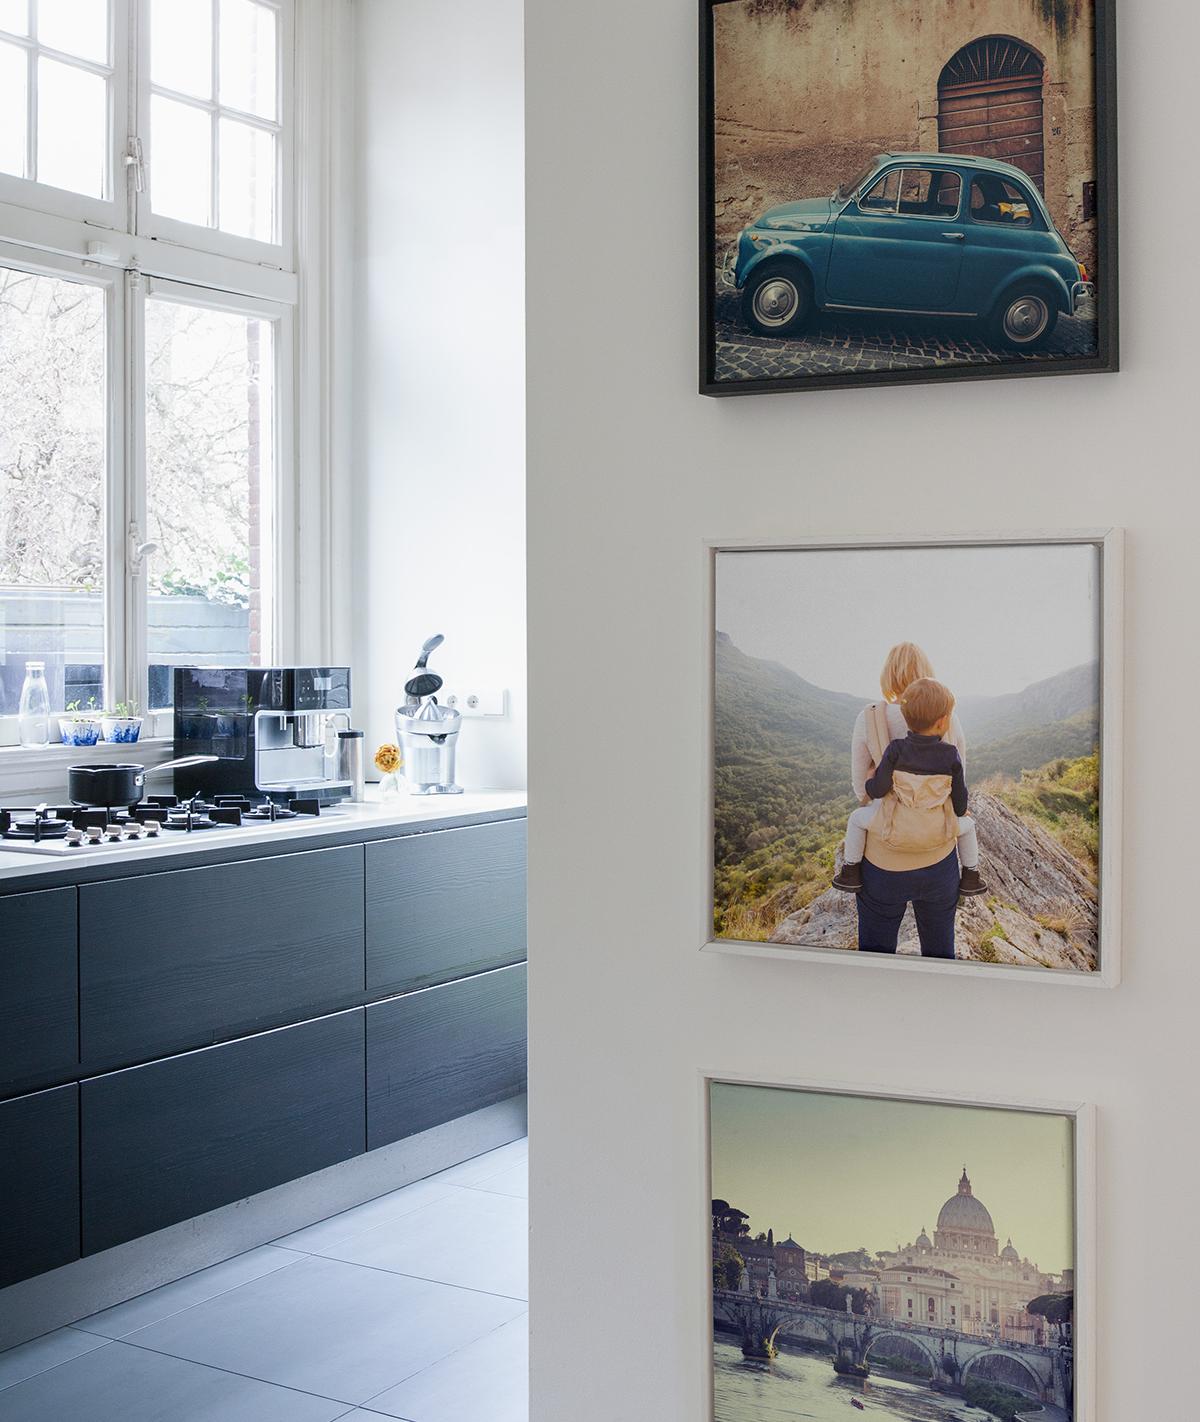 Zo maak je een fotomuur en geef je je interieur een nieuwe look albelli blog - Ideen fur fotowand ...